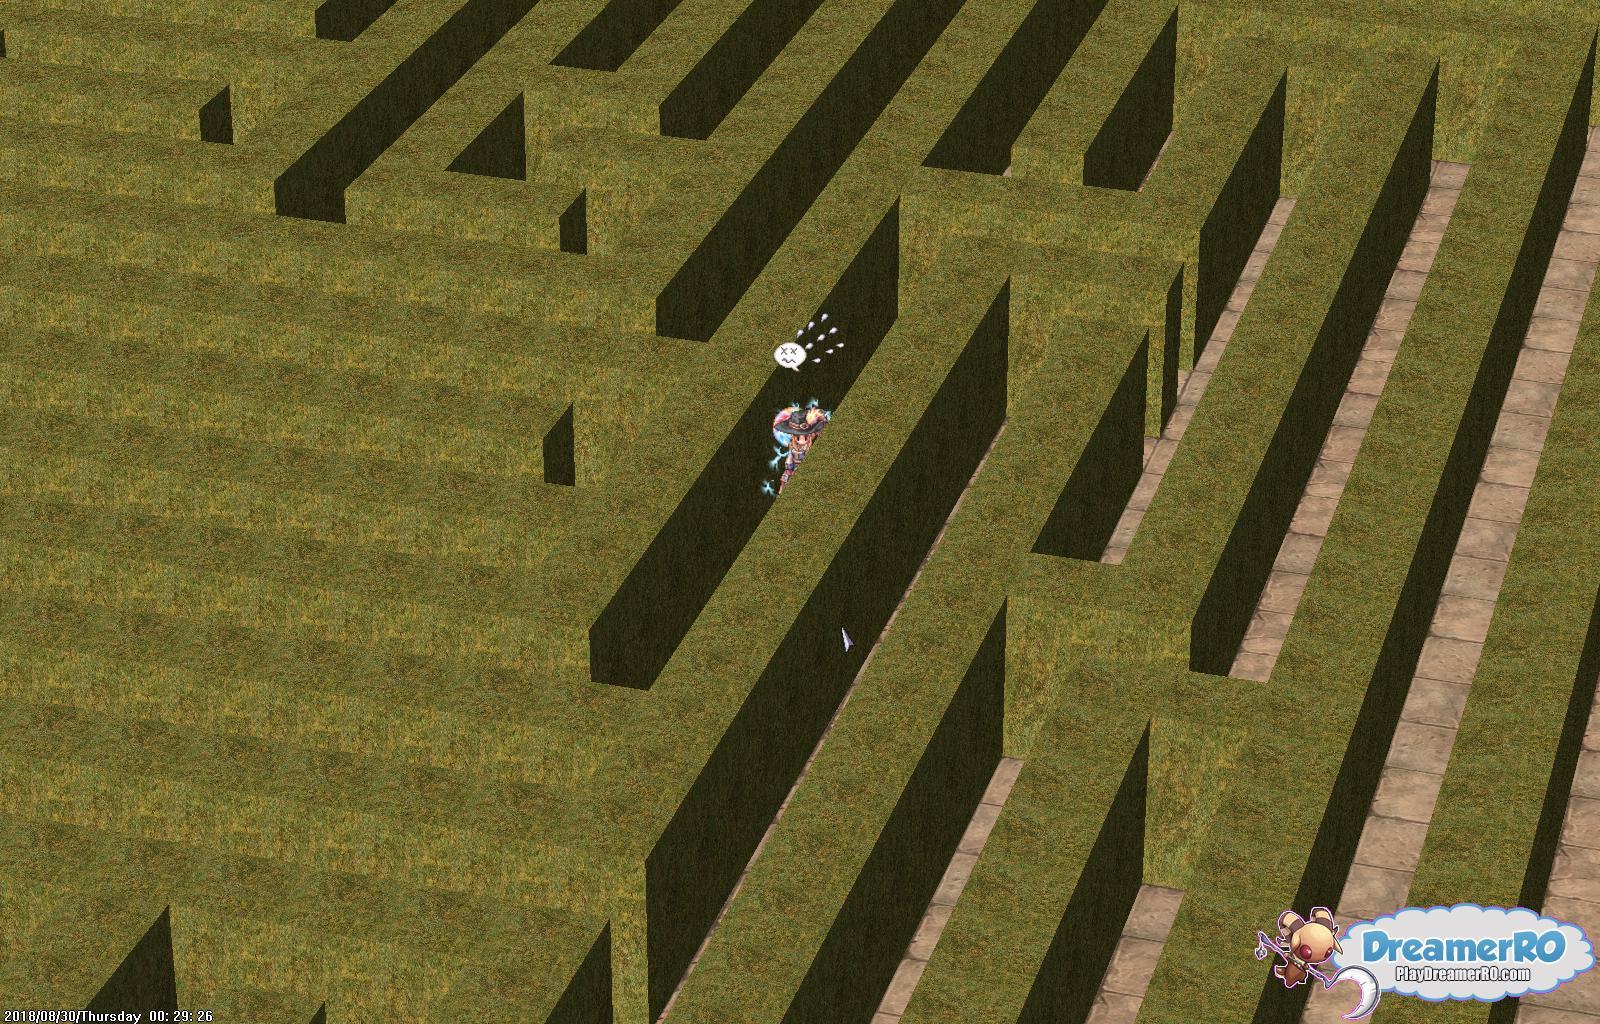 screen_Dreamer_RO029.jpg